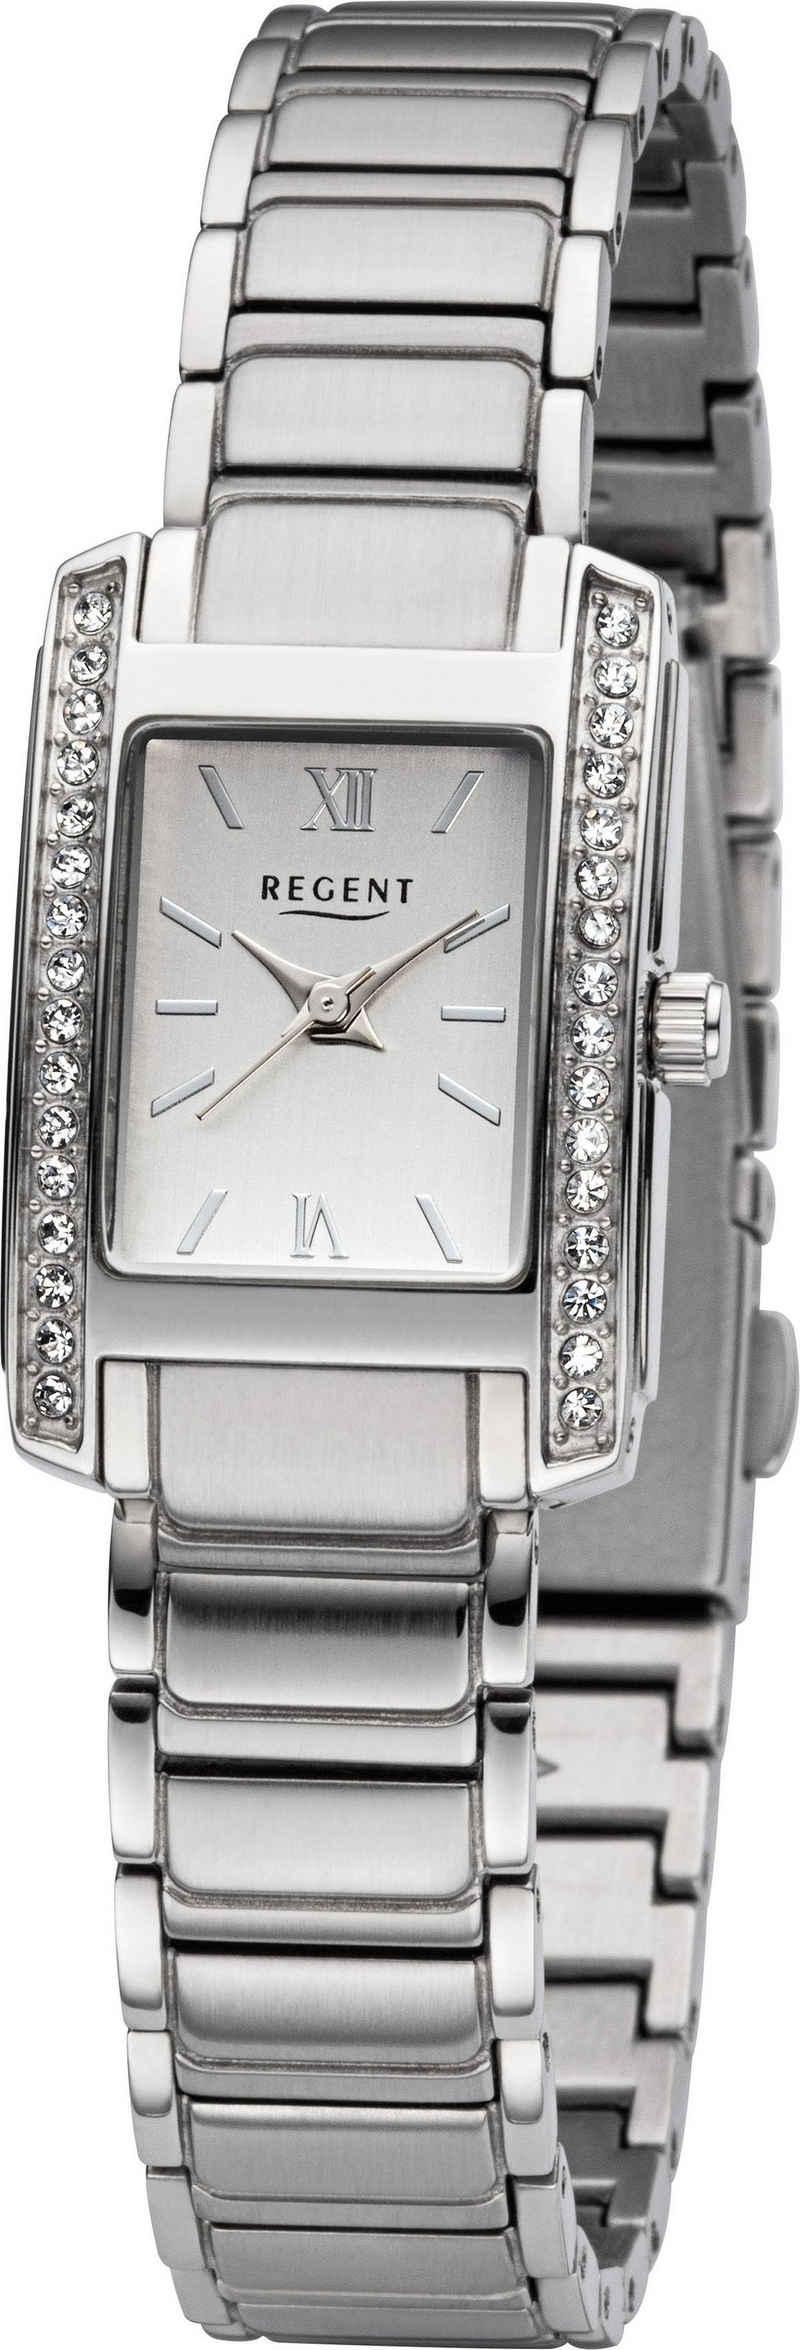 Regent Quarzuhr »12220869 - 7794.40.91«